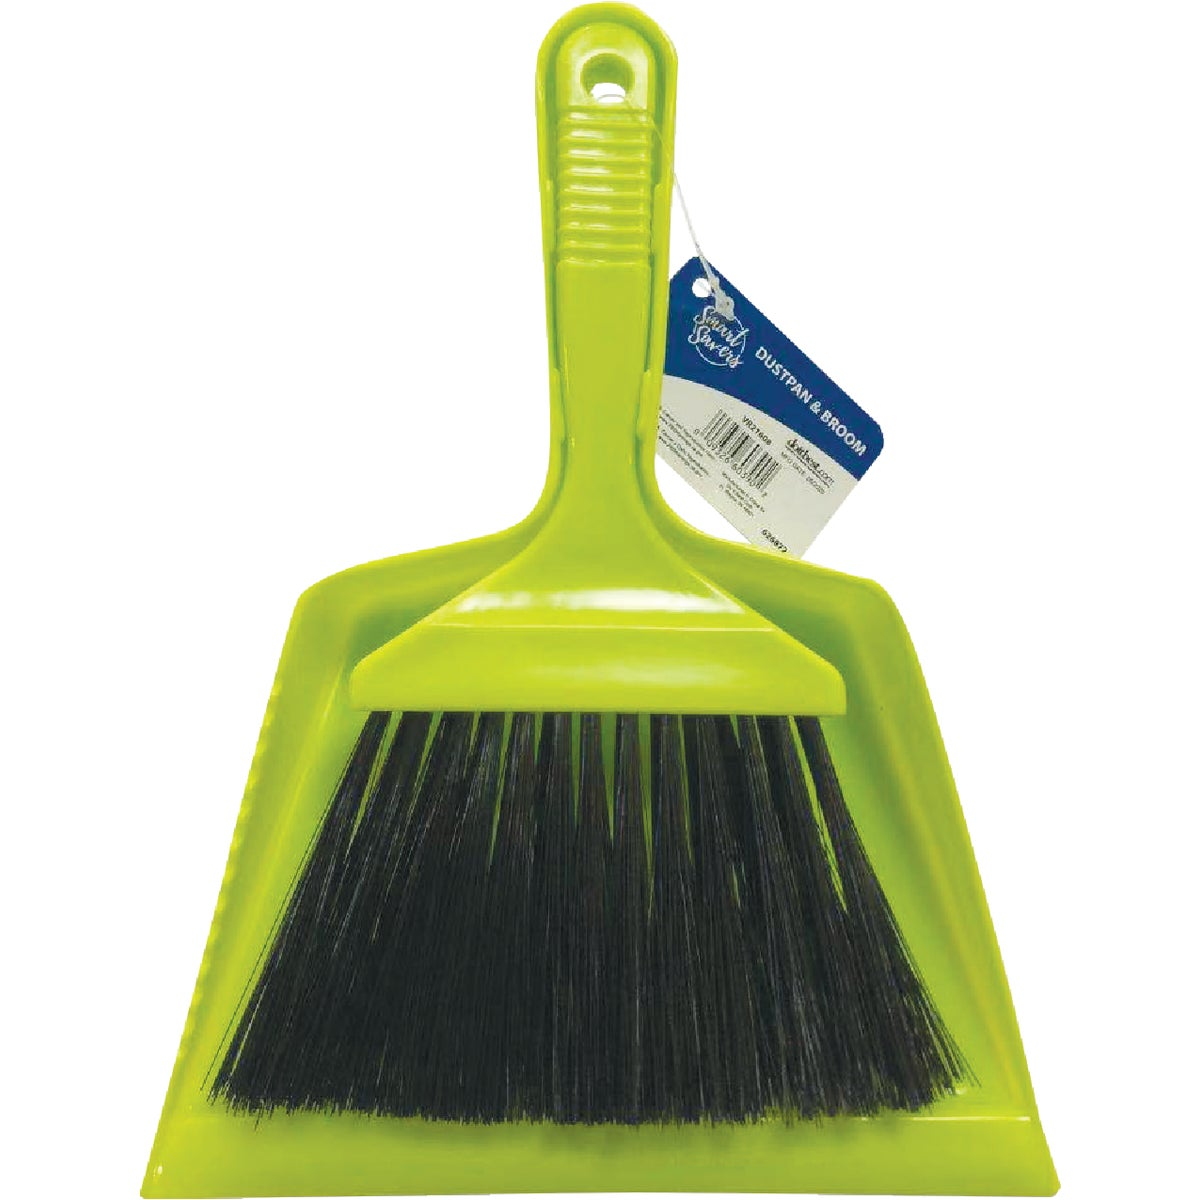 Dust Pan and Broom Set - Smart Savers